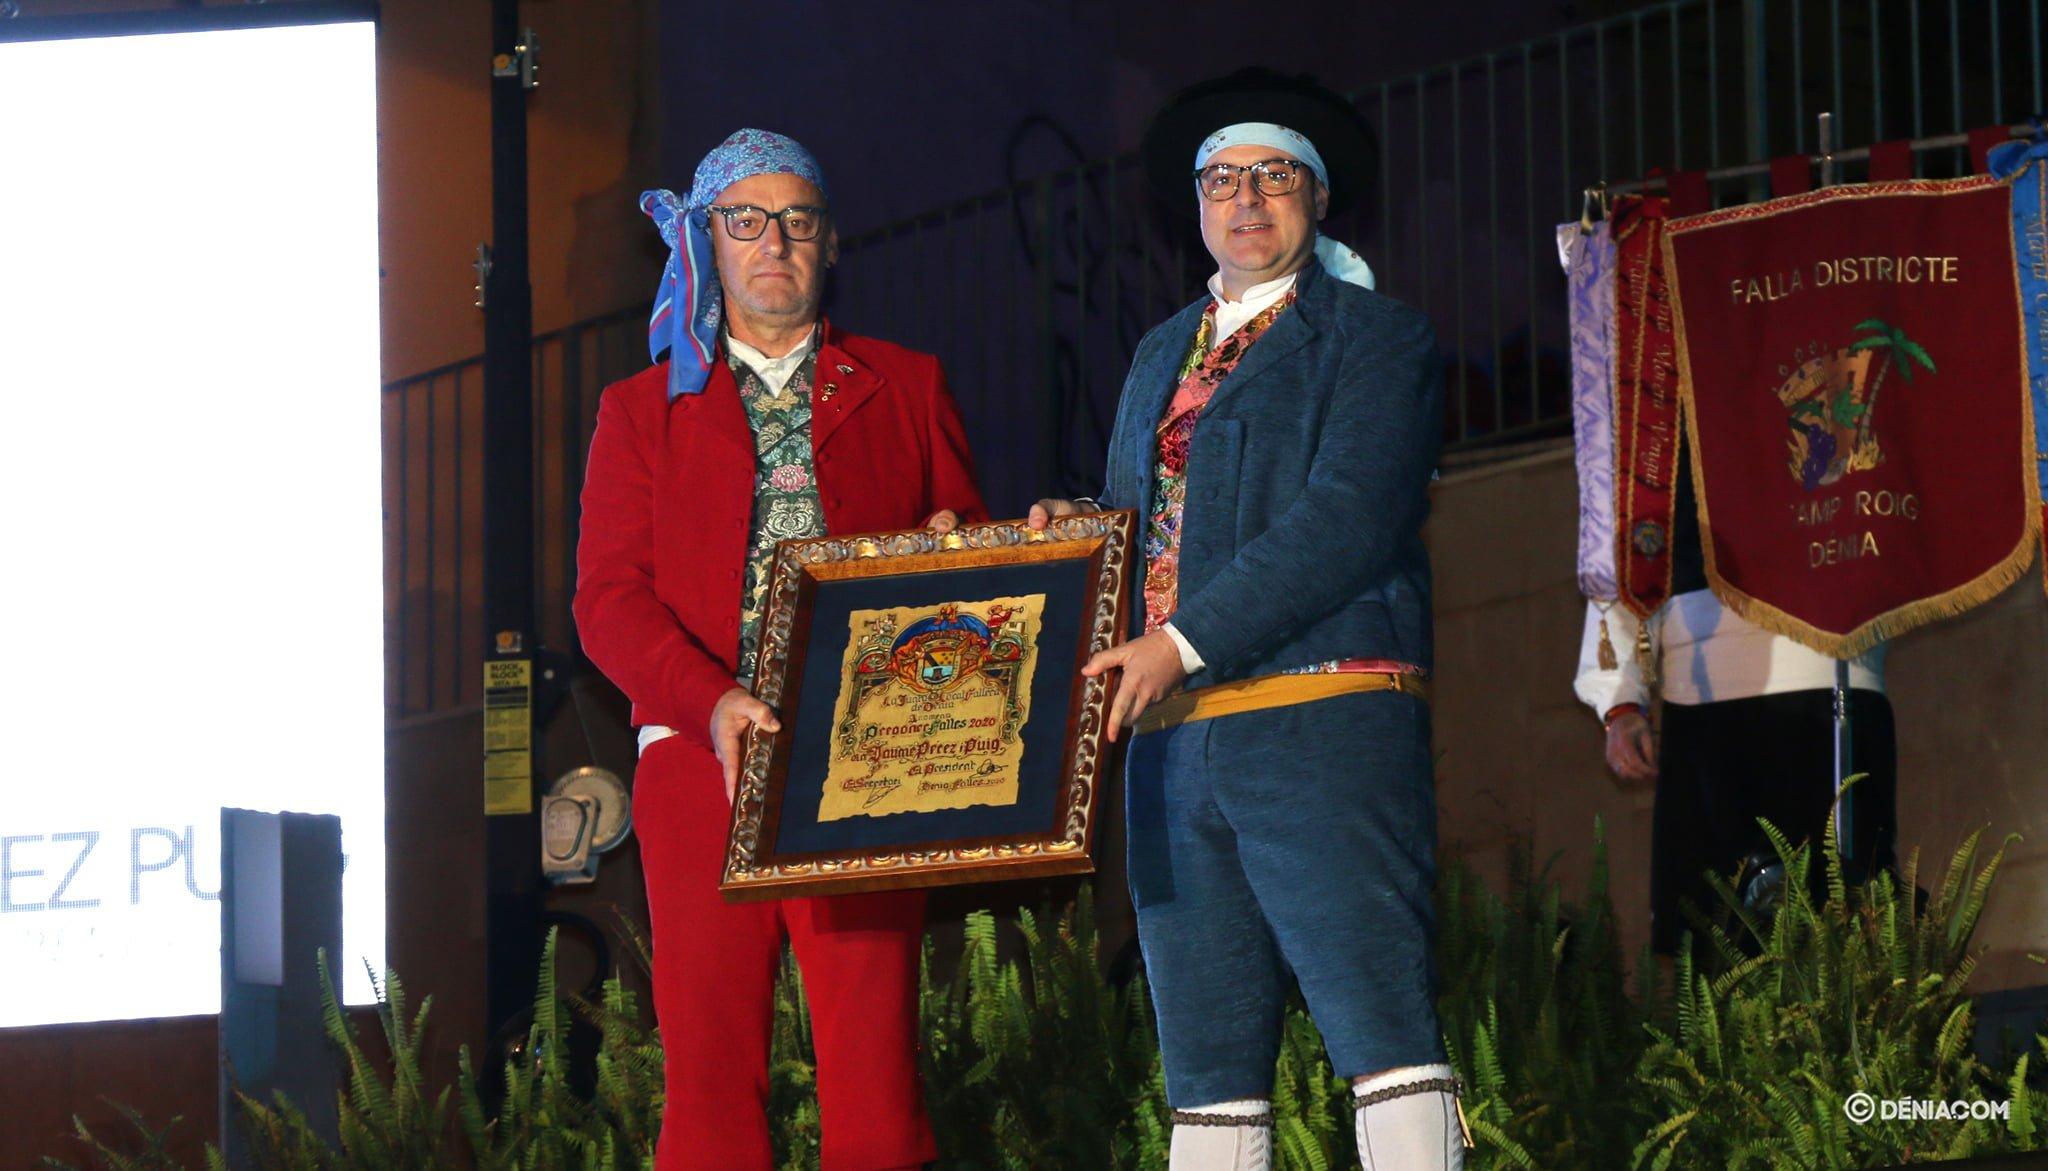 El president de la Junta Local Fallera fa lliurament de l'diploma a el pregoner 2020